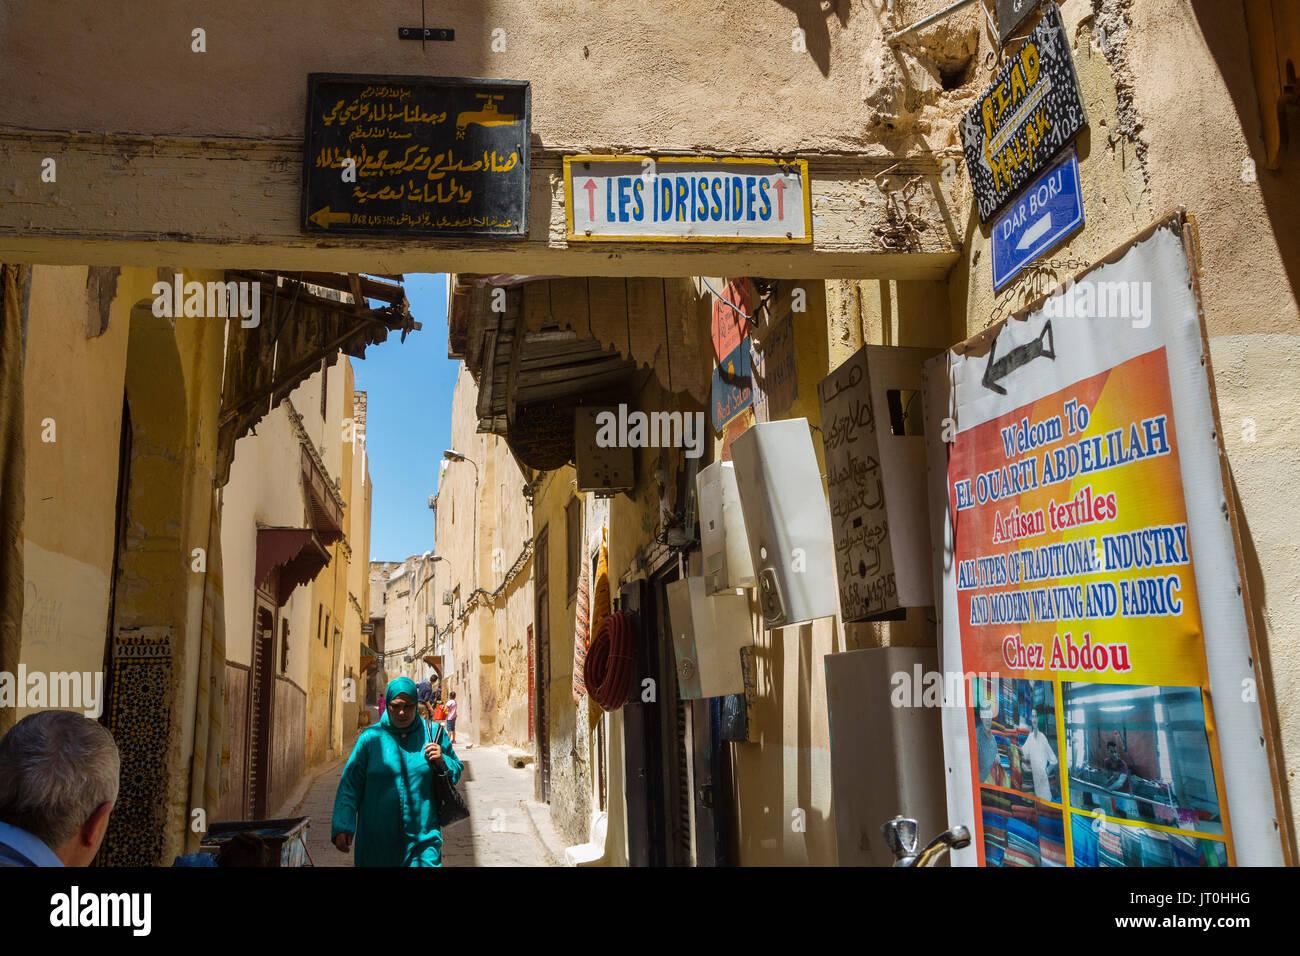 Scène de la vie de la rue. Souk, Médina de Fès, Fes el Bali. Le Maroc, Maghreb, Afrique du Nord Photo Stock